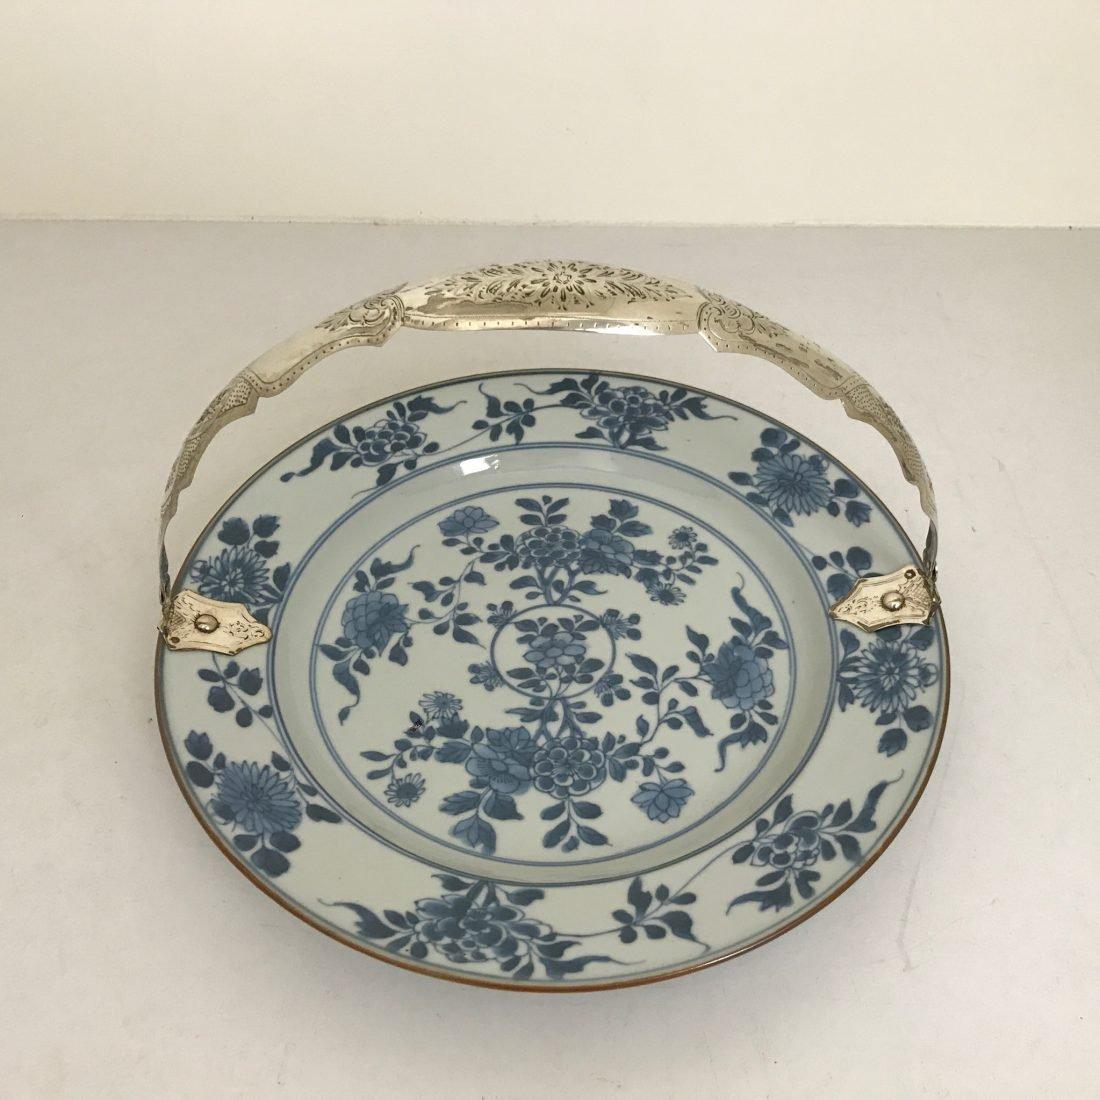 Blauw/wit porselein bord met zilveren beugel, China, 18e eeuw